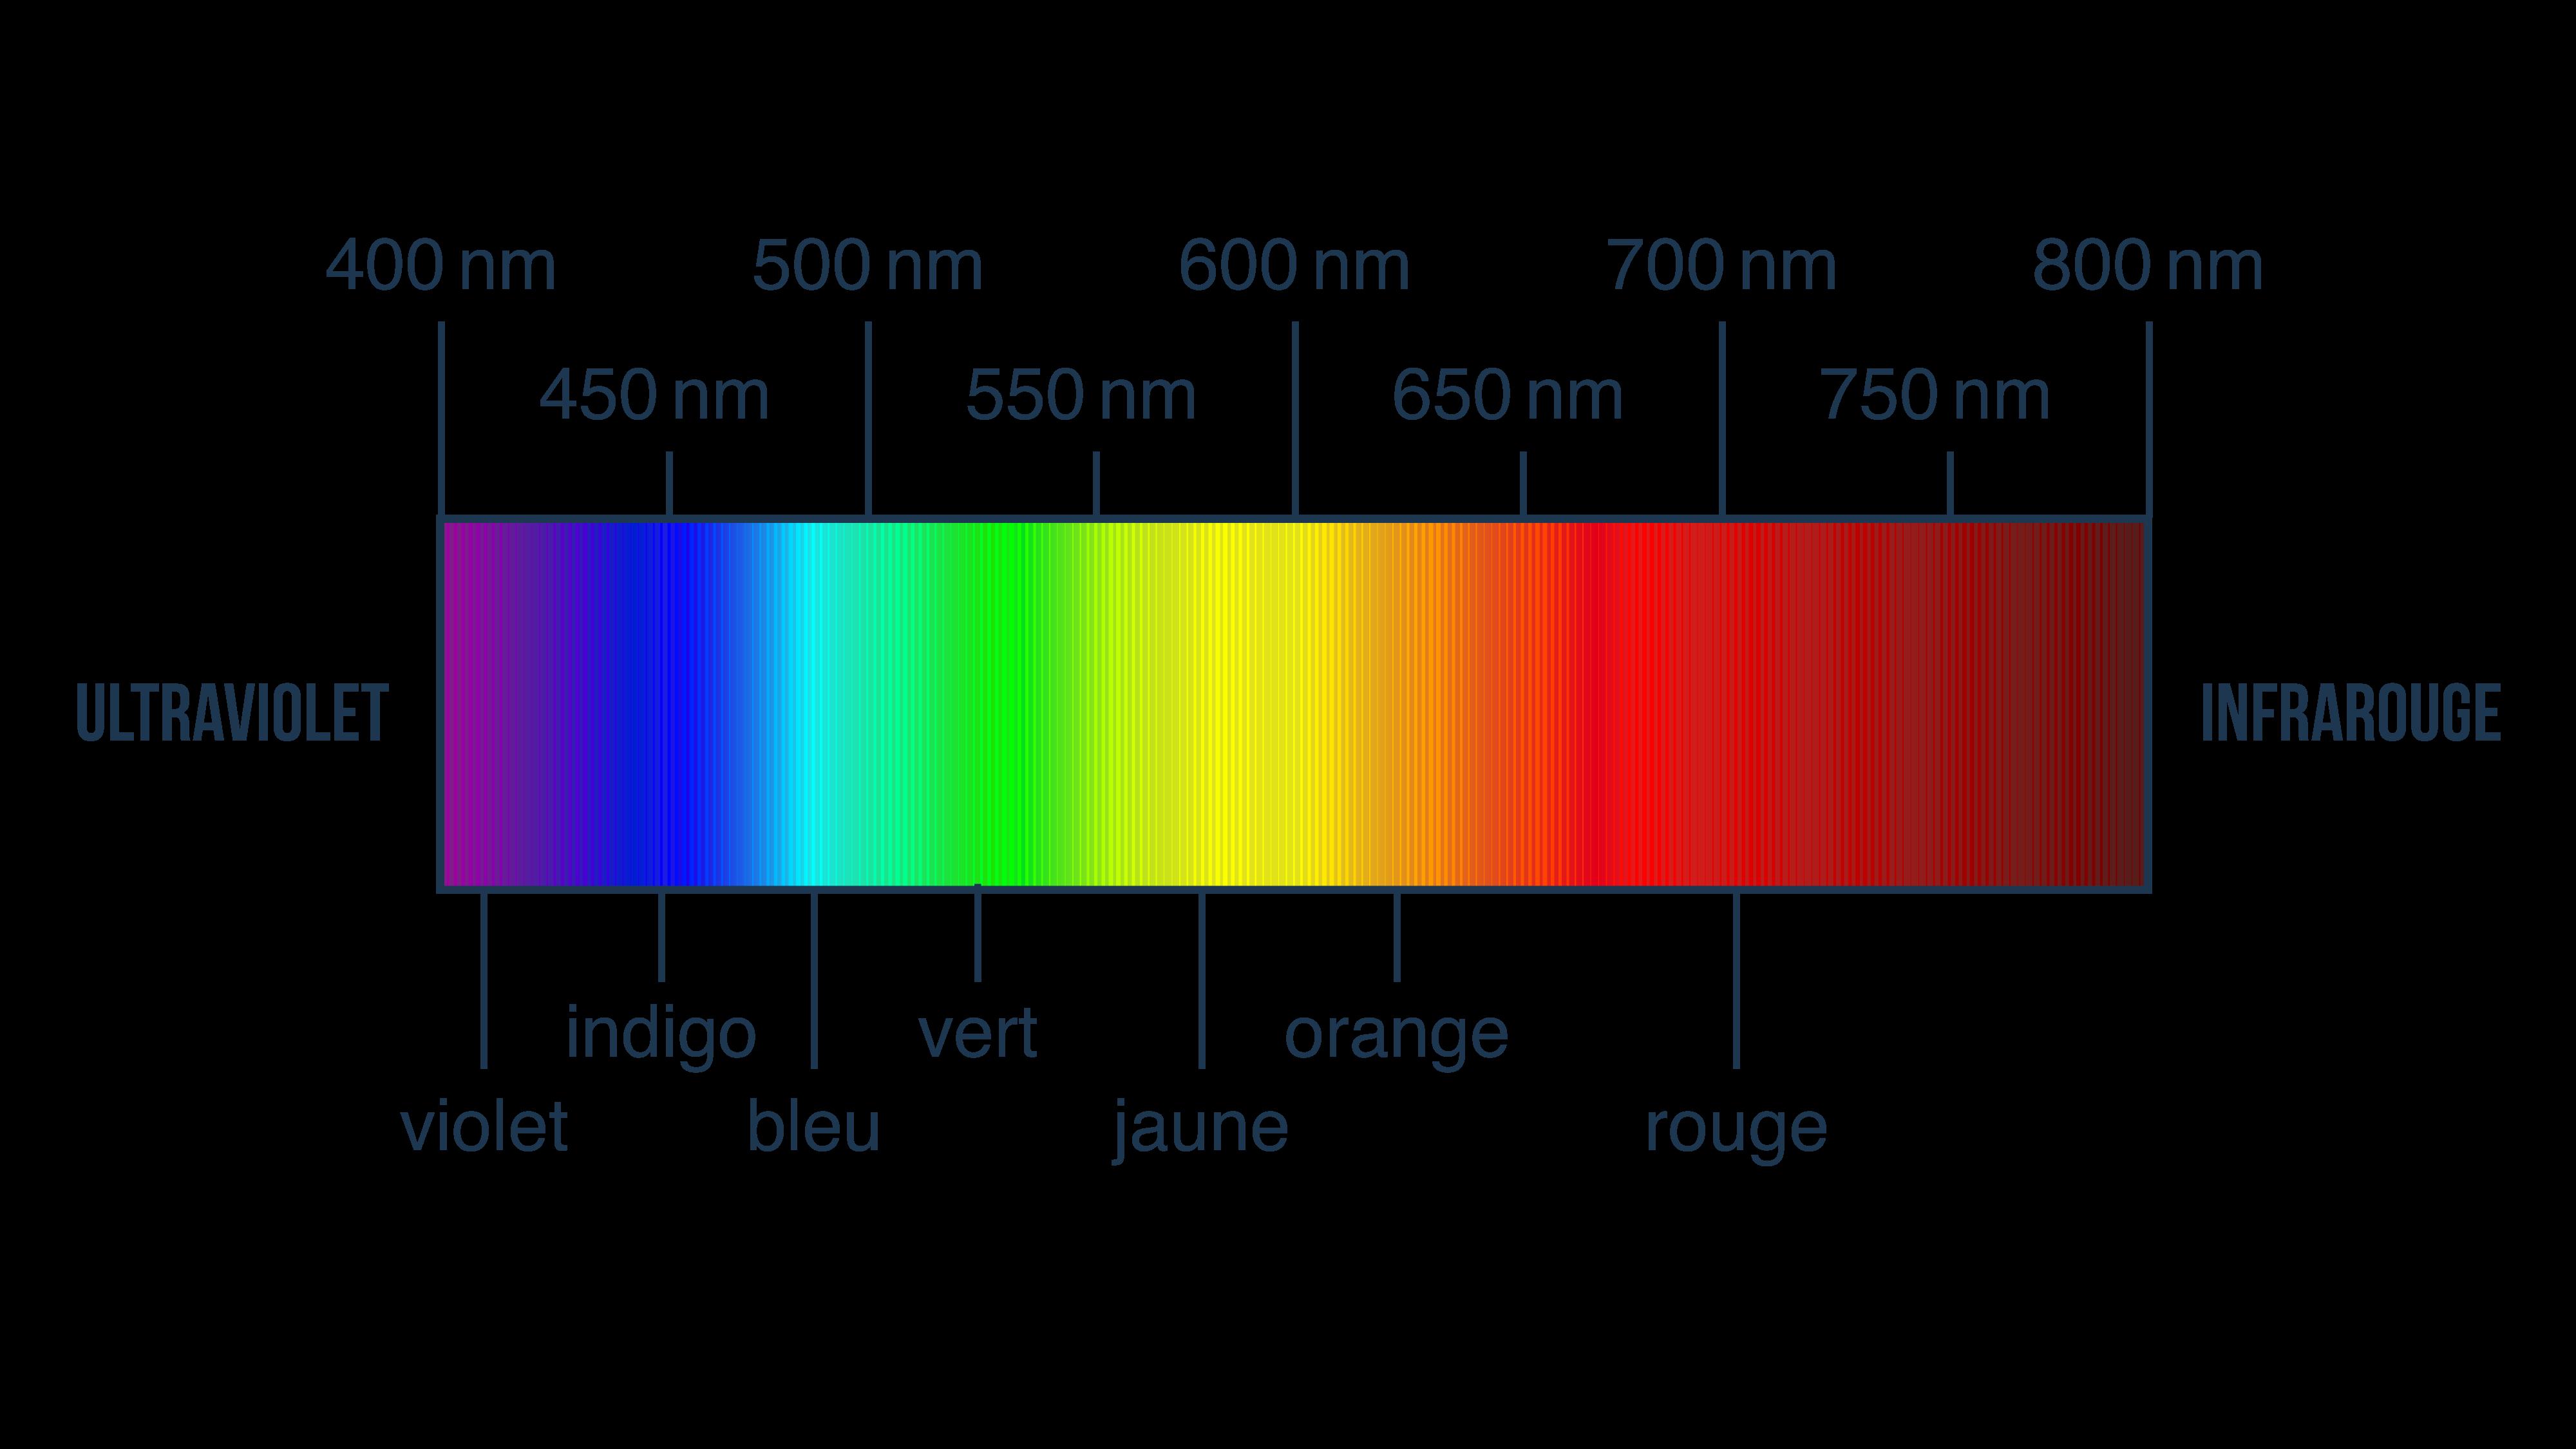 Le spectre visible de la lumière